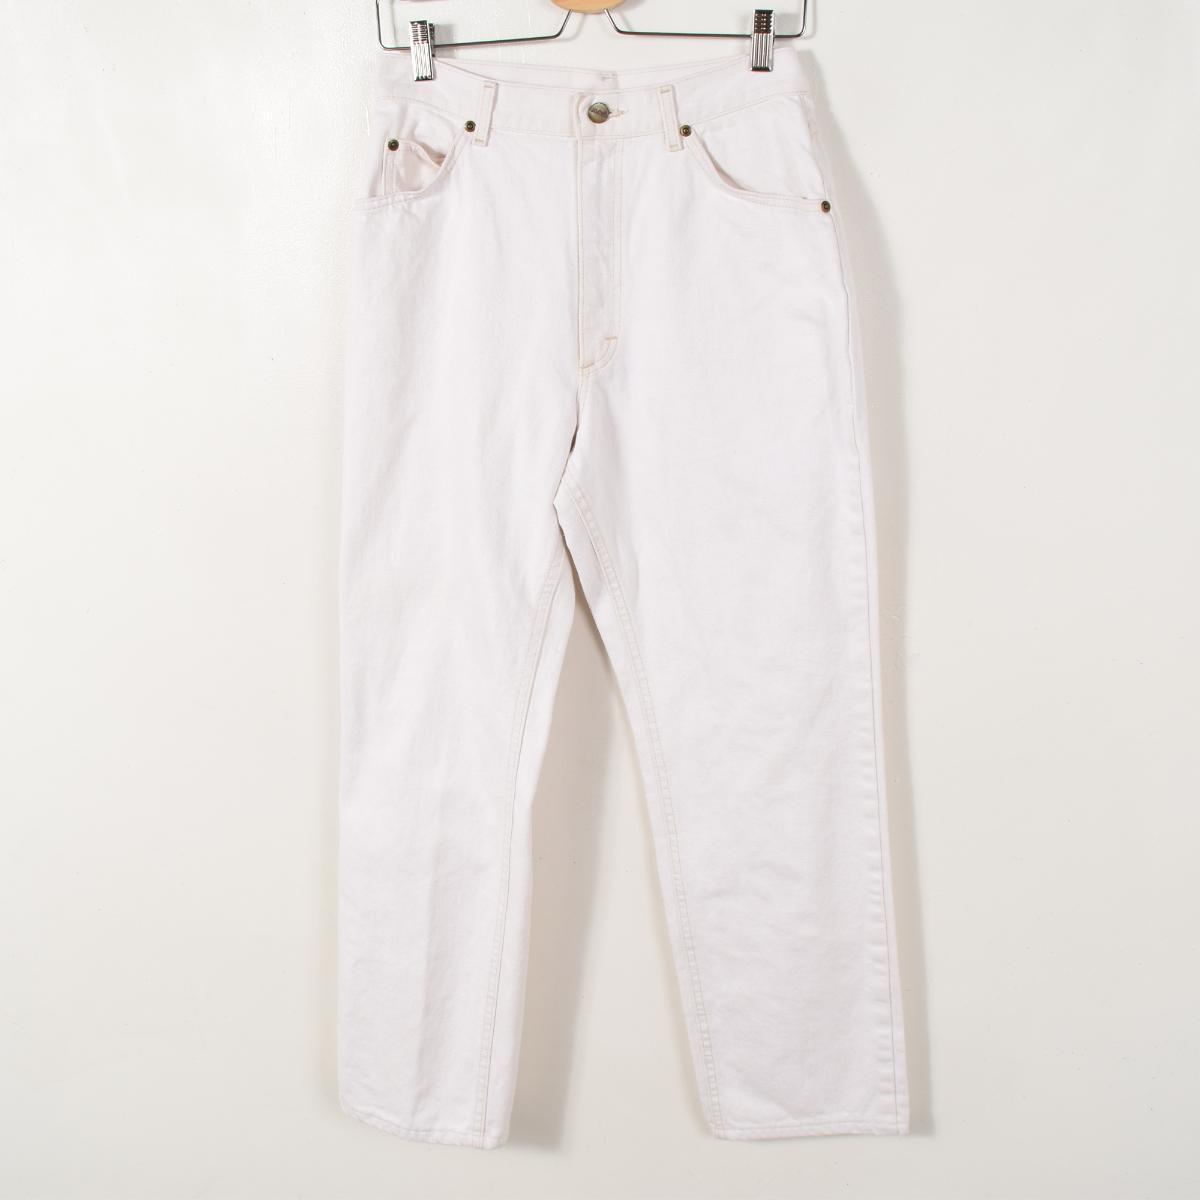 80年代 エルエルビーン USA製 ホワイトジーンズ テーパードデニムパンツ レディースL(w29) ヴィンテージ L.L.Bean /wae3249 【中古】 【170529】